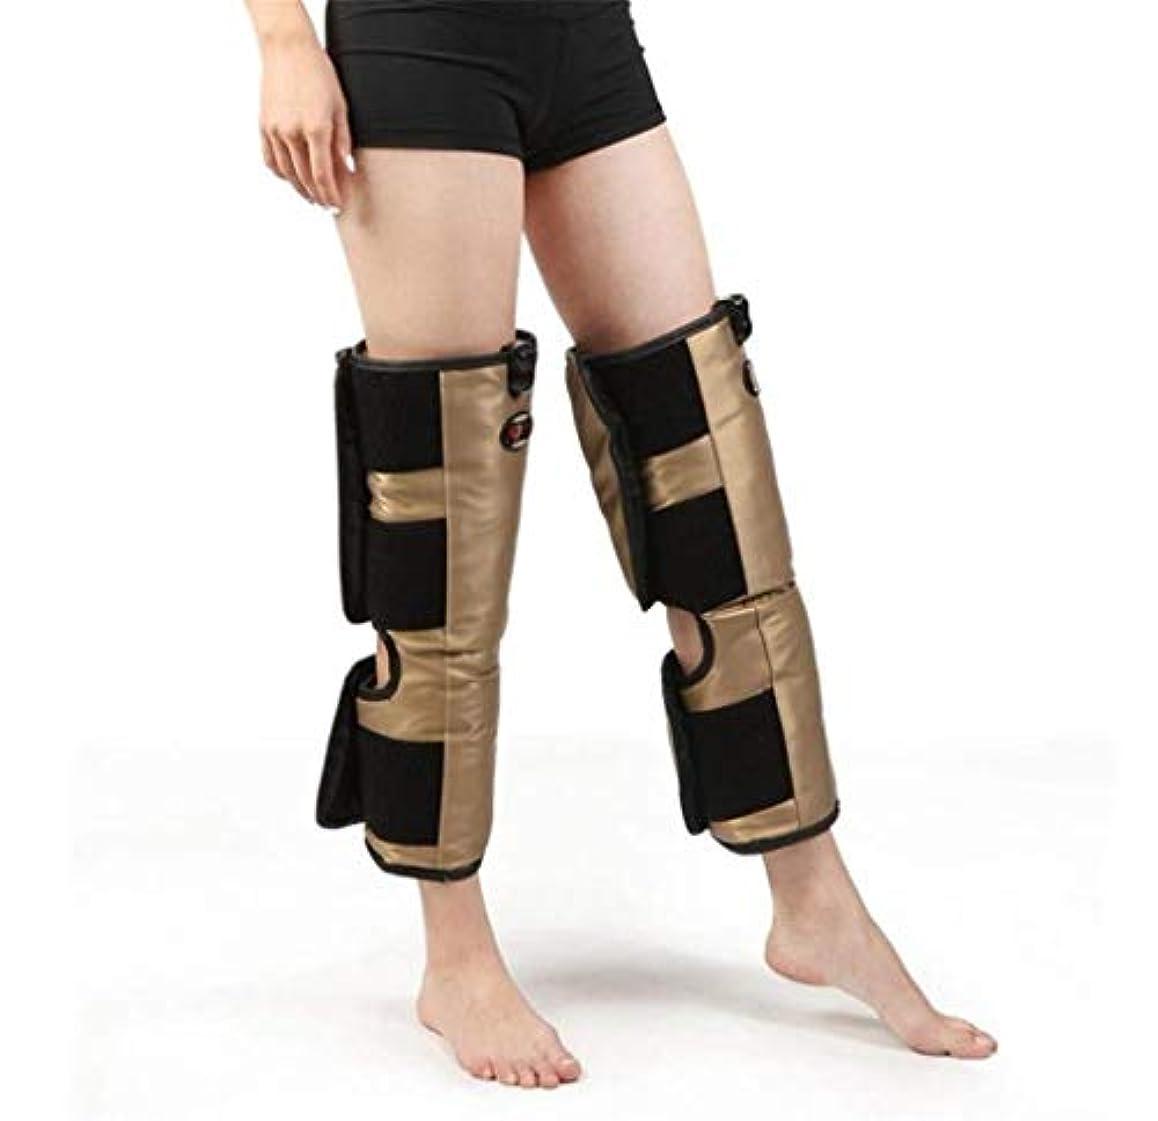 どう?衣服アリ脚マッサージャー、電気膝ブレース、oxiホット圧縮振動マッサージ療法、多機能電気加熱膝理学療法機器